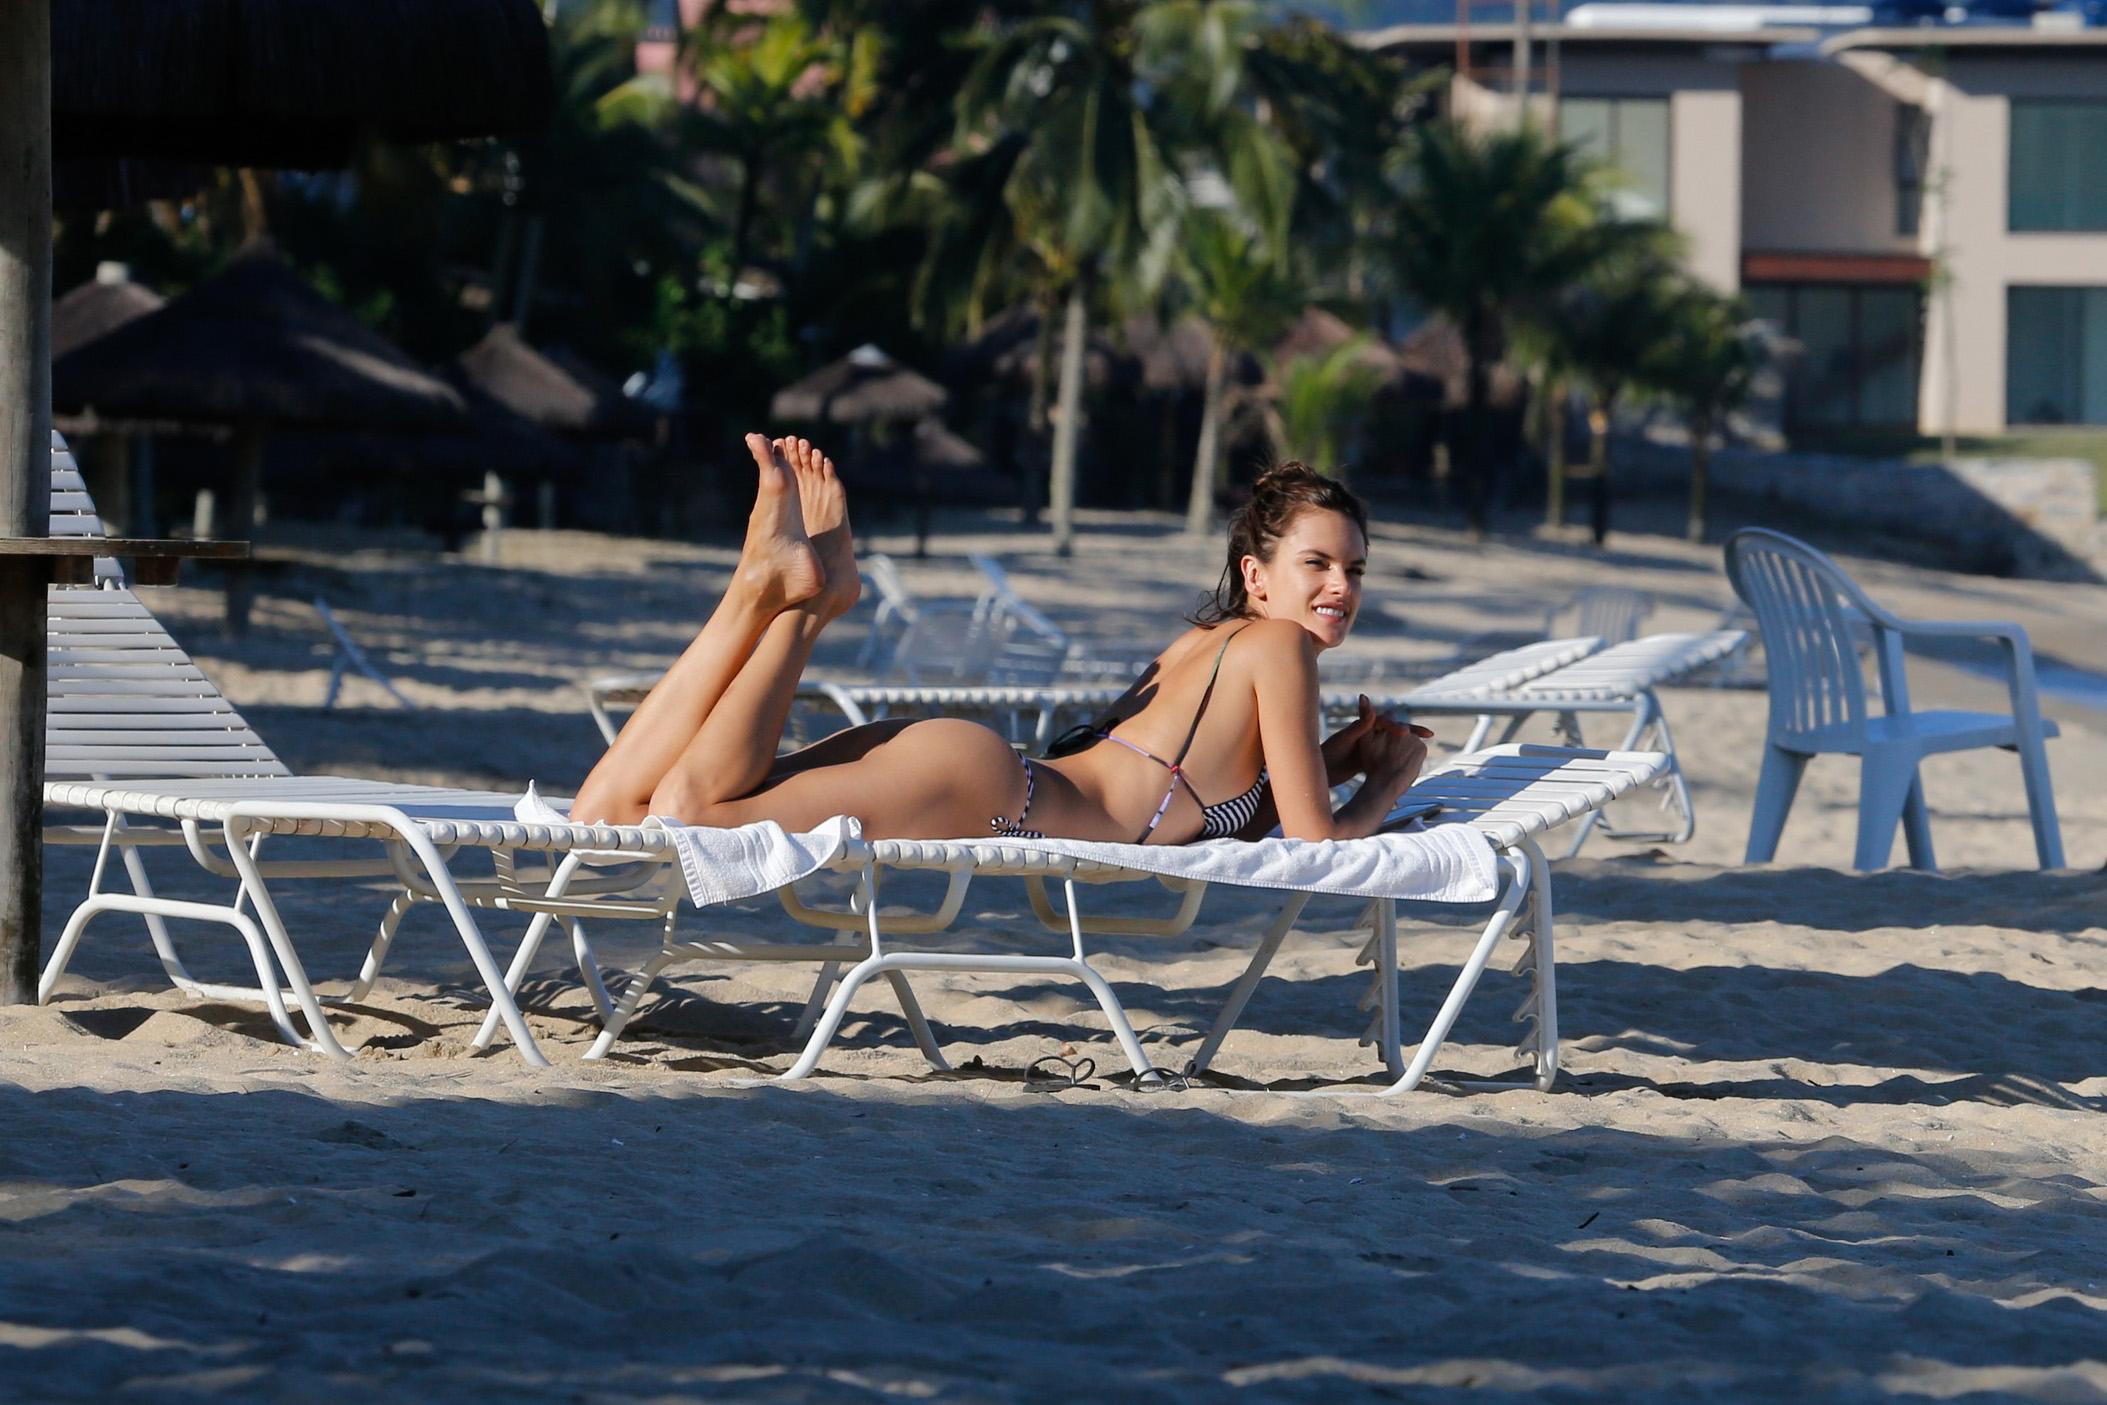 Alessandra Ambrosio 2015 : Alessandra Ambrosio in Bikini -41